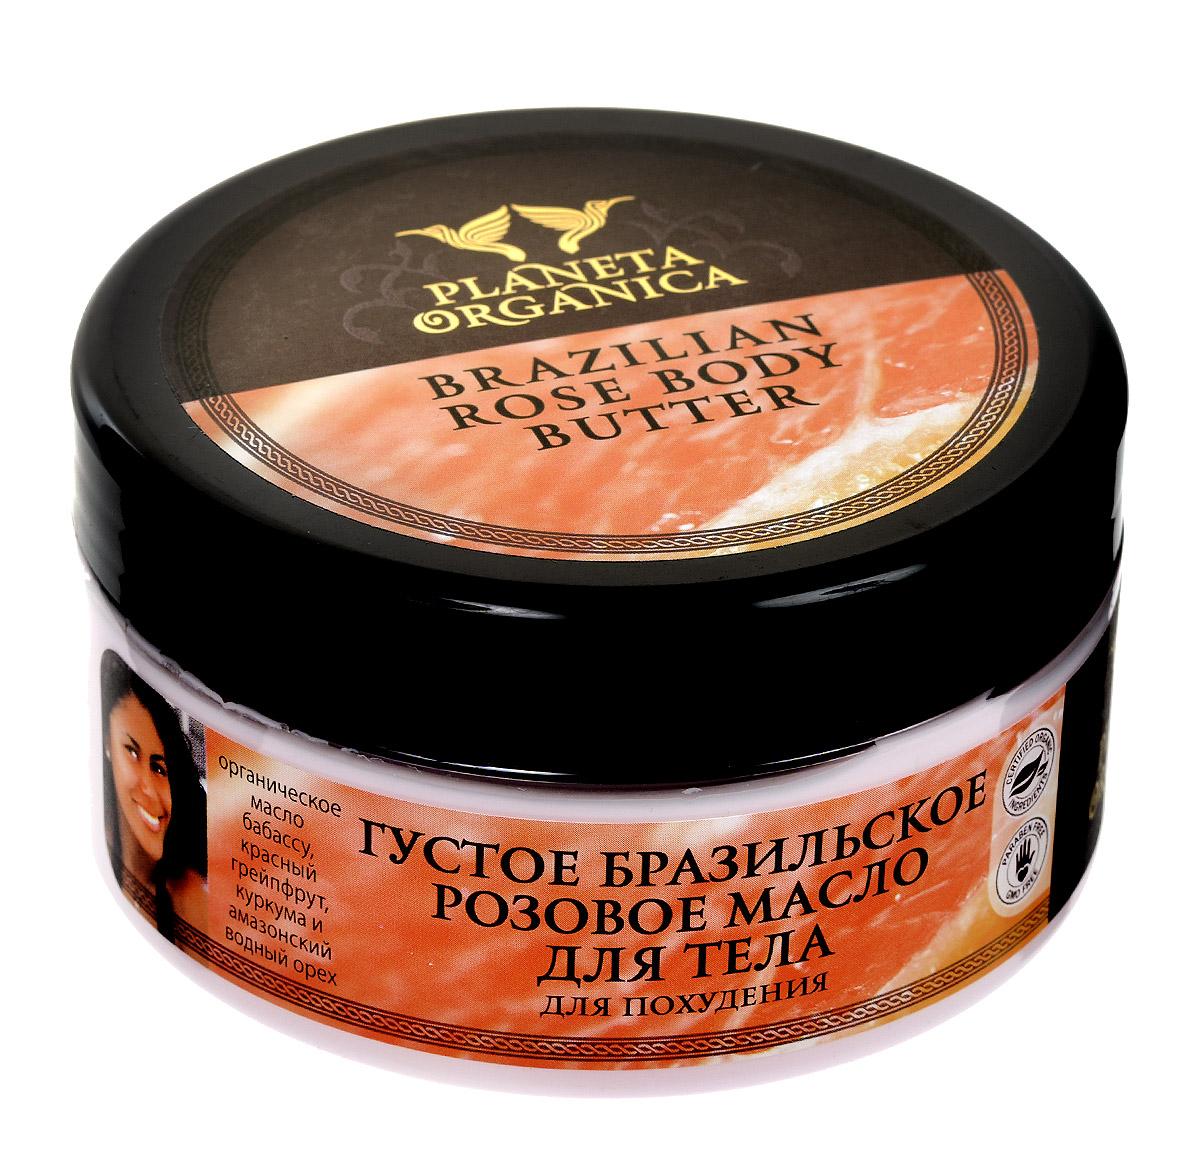 Planeta Organica Густое бразильское розовое масло для тела, для похудения, 300 мл planeta organica dead sea naturals маска минеральная против выпадения 300 мл